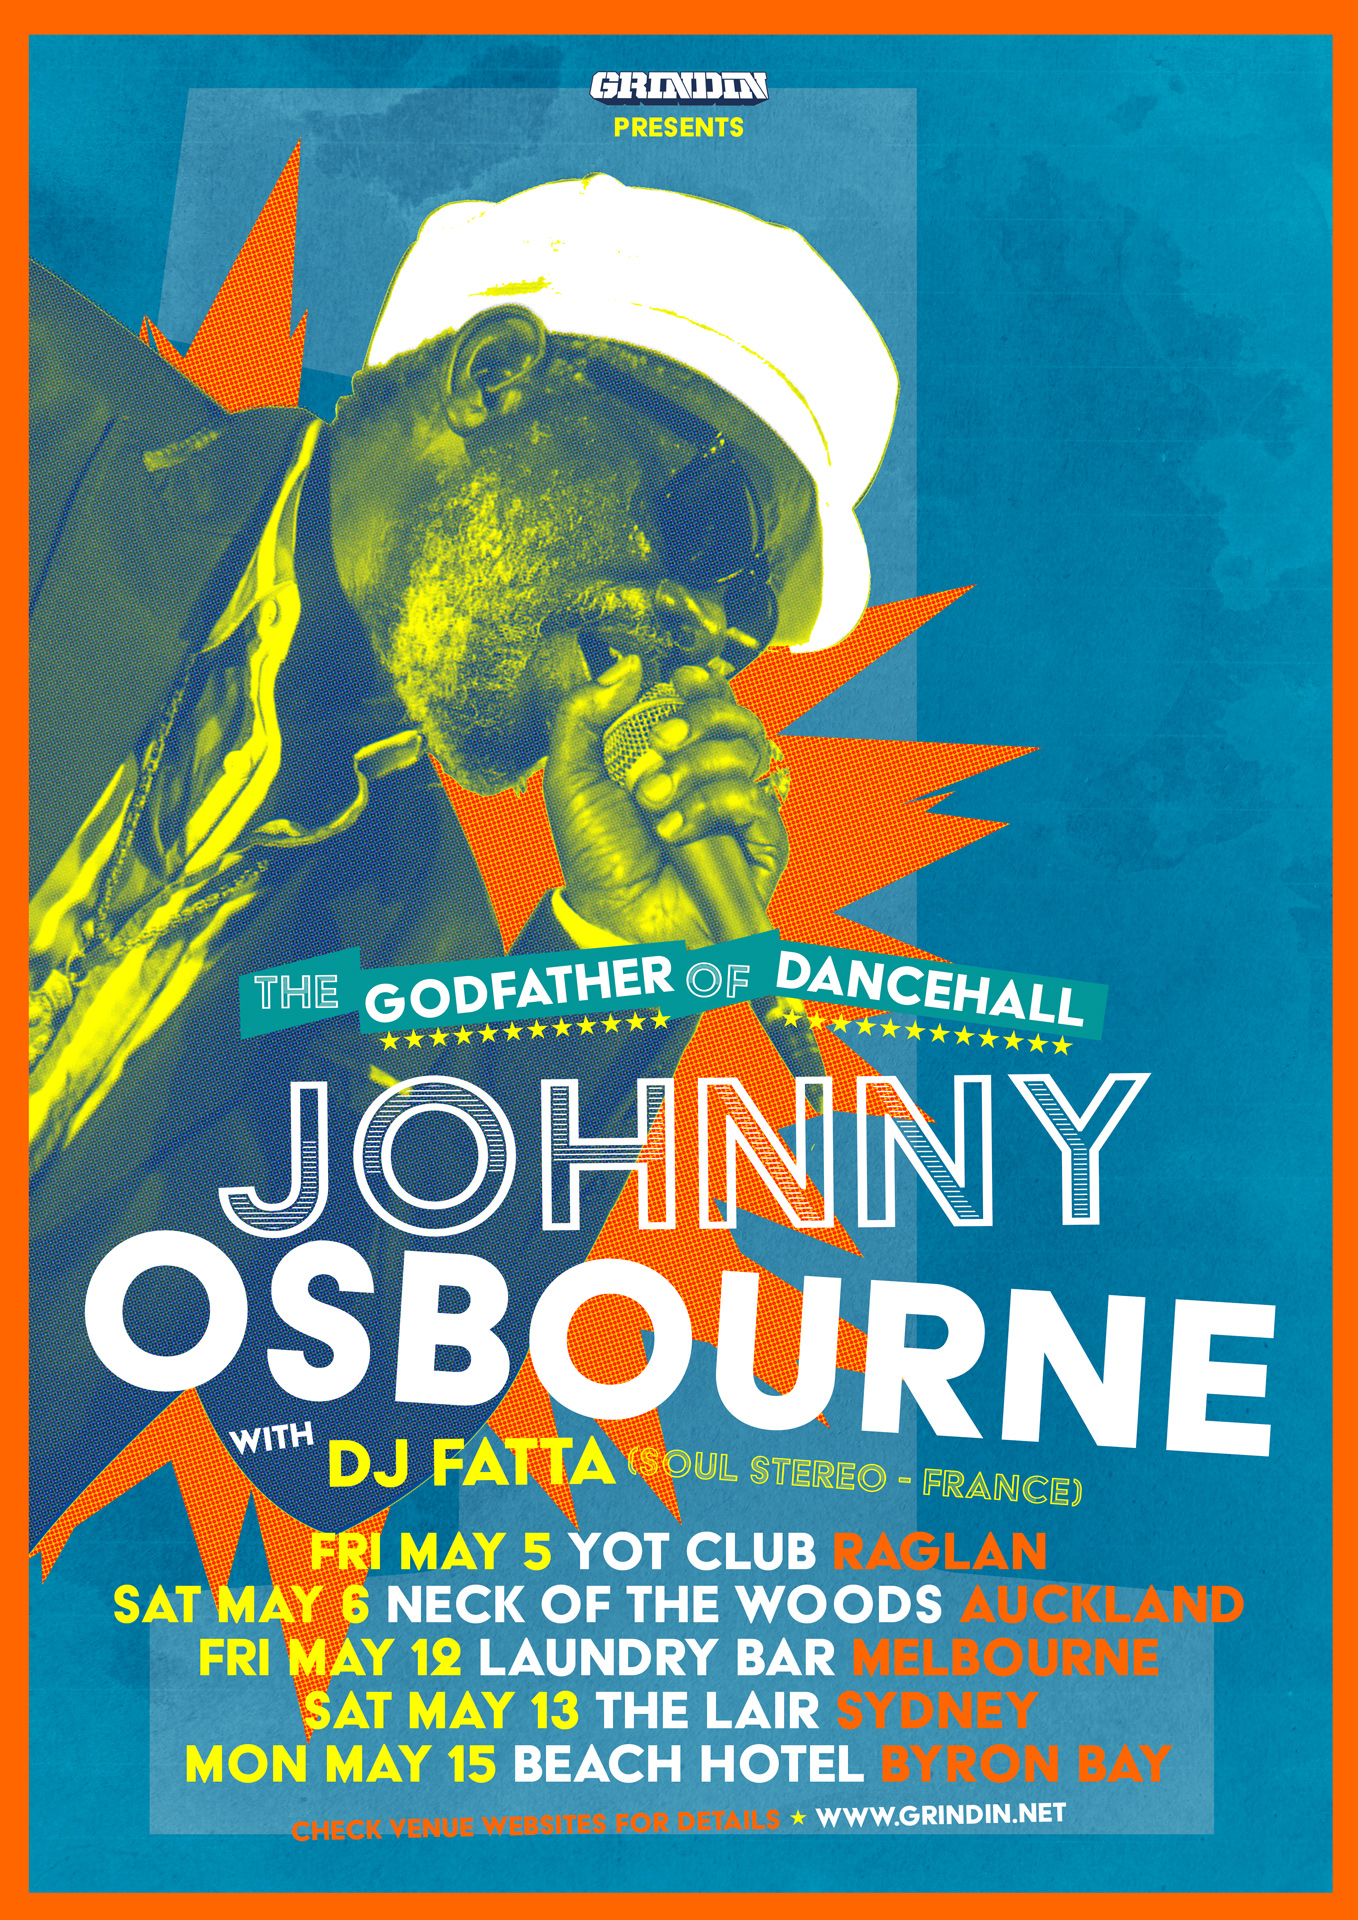 JOHNNY OSBOURNE AUSTRALIA / NEW ZEALAND TOUR